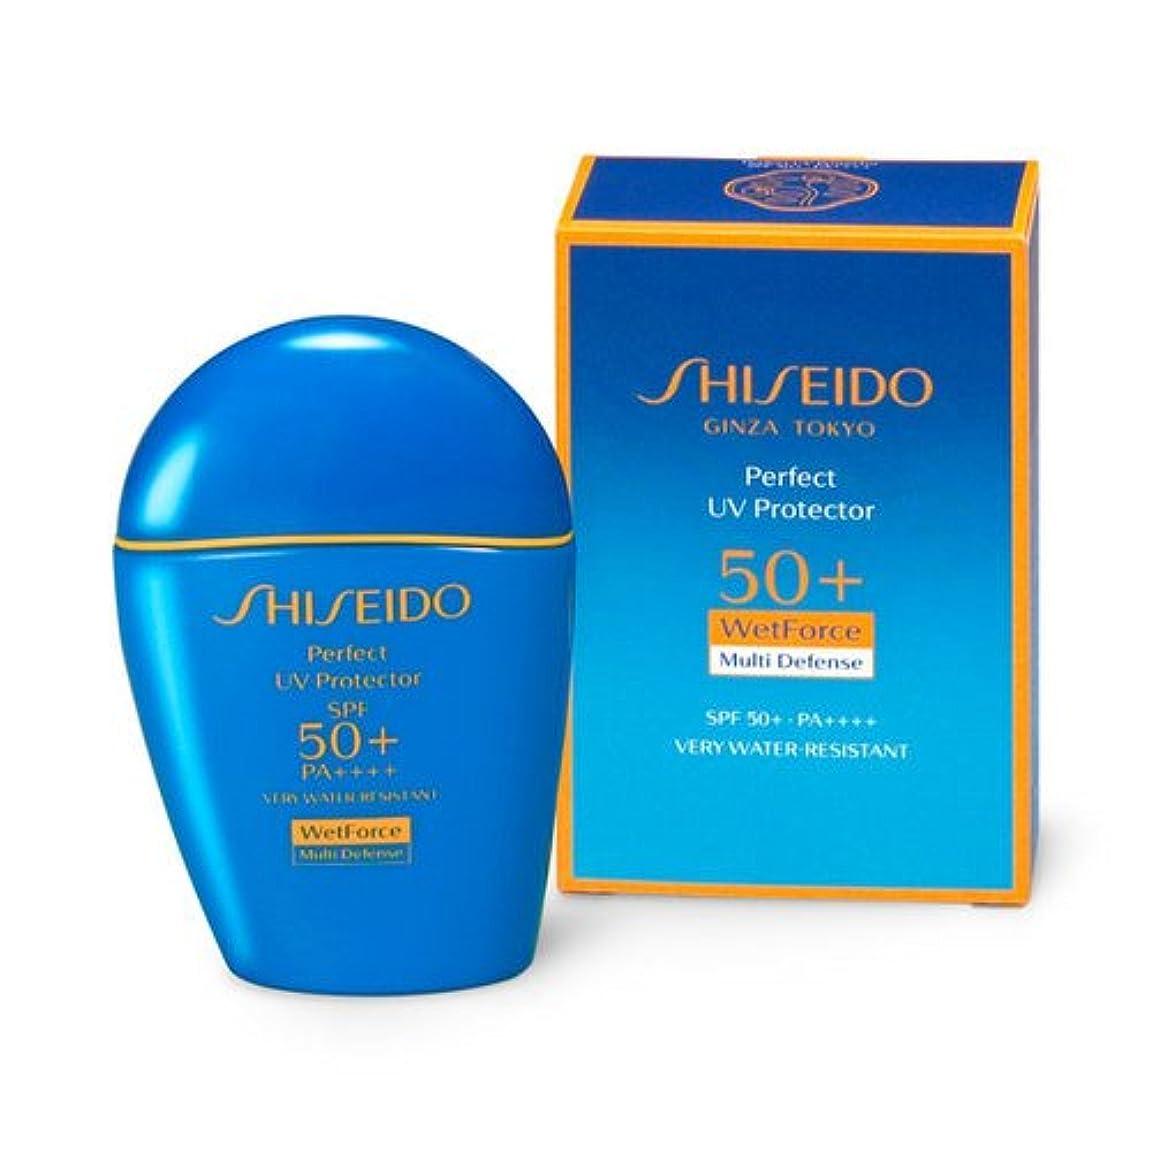 電報飼い慣らす交通渋滞SHISEIDO Suncare(資生堂 サンケア) SHISEIDO(資生堂) パーフェクト UVプロテクター 50mL